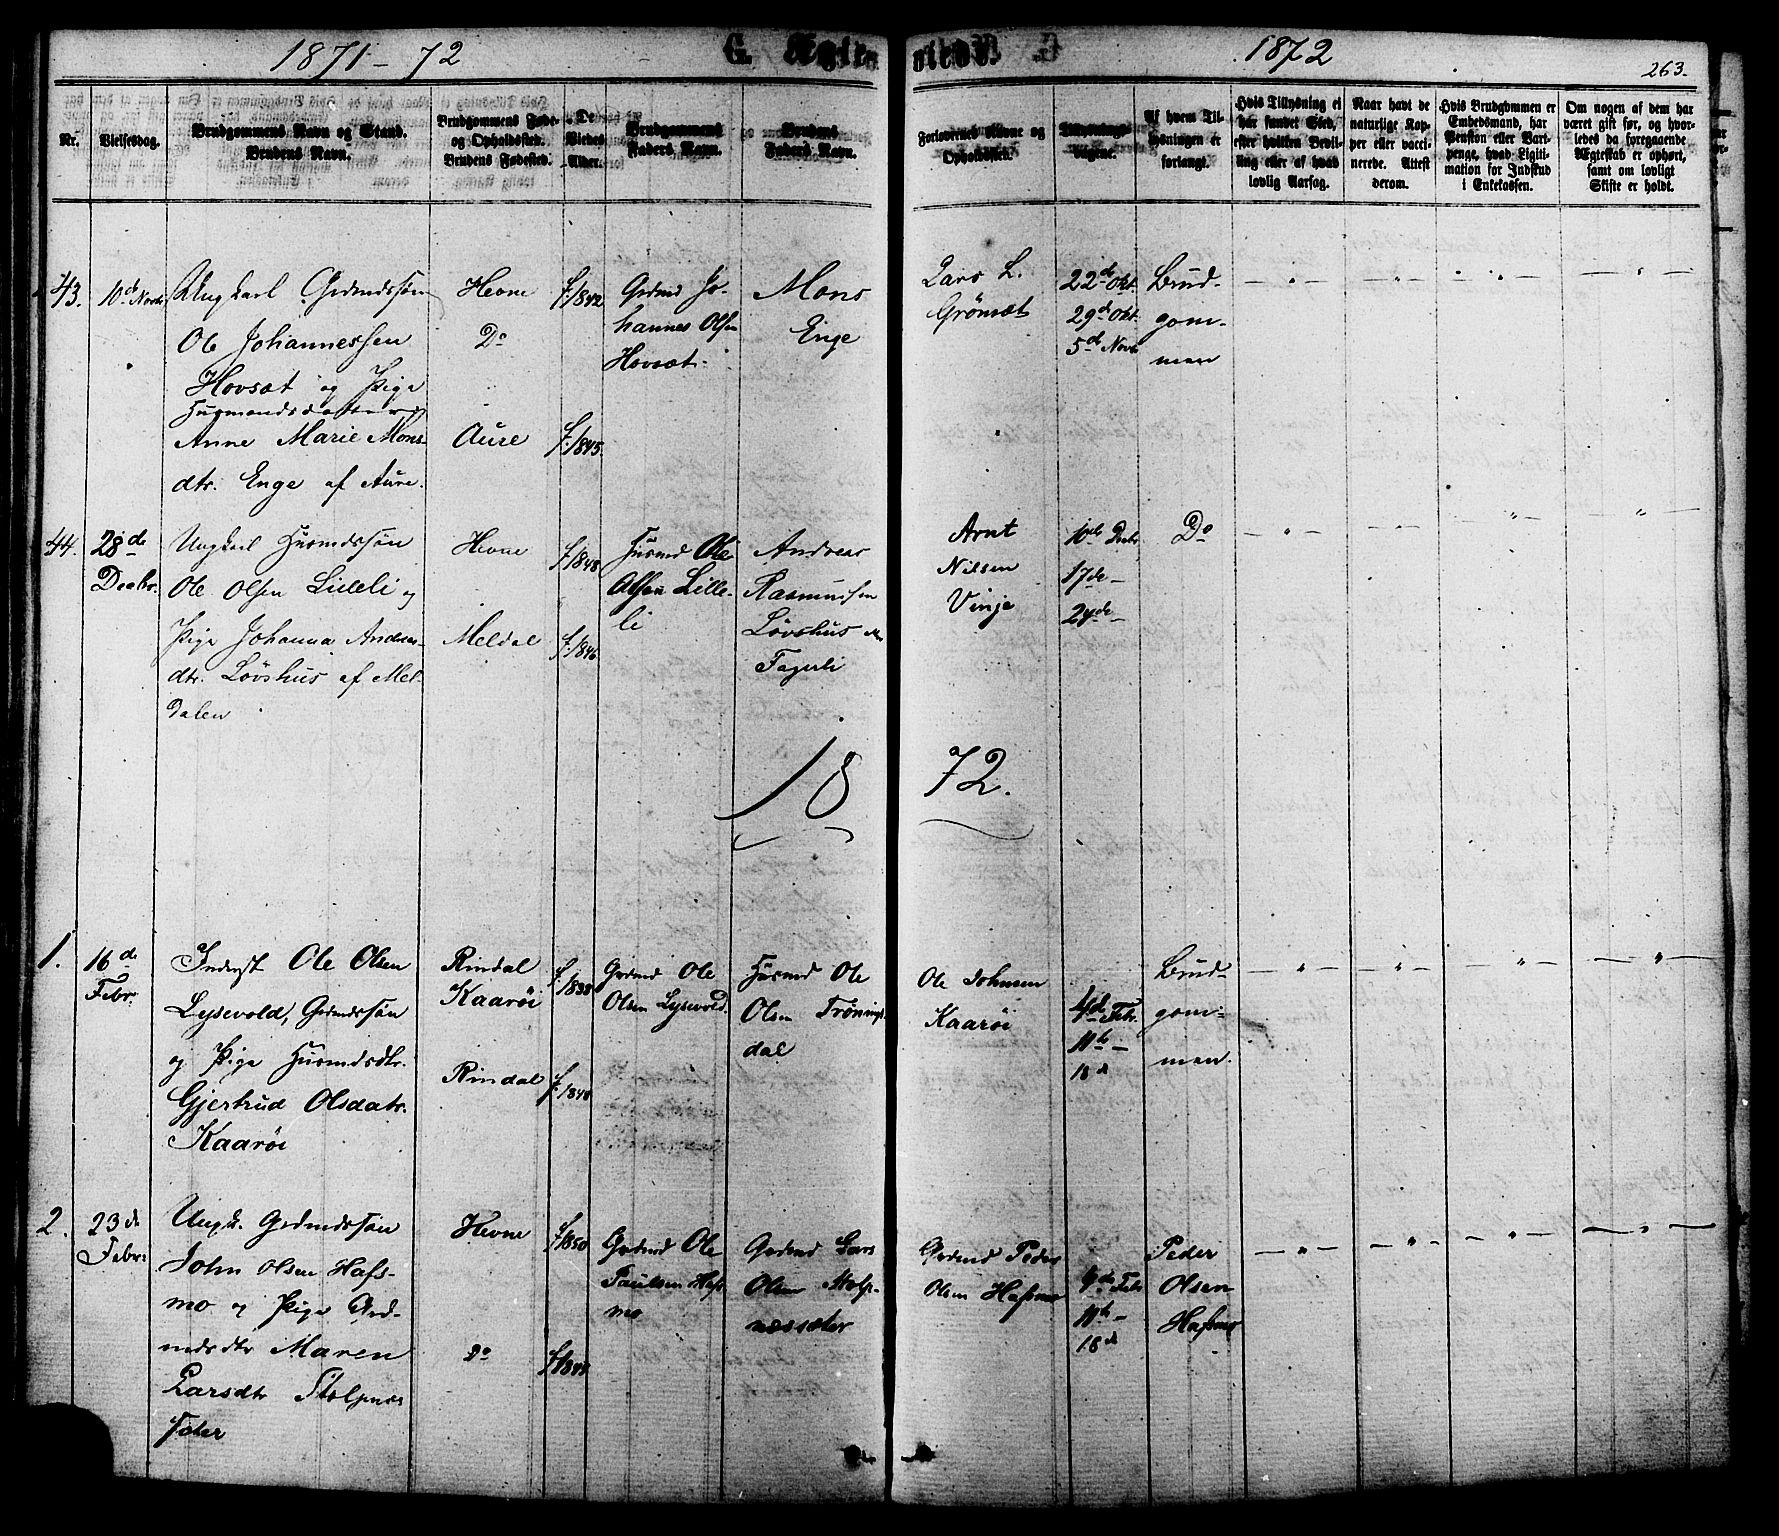 SAT, Ministerialprotokoller, klokkerbøker og fødselsregistre - Sør-Trøndelag, 630/L0495: Ministerialbok nr. 630A08, 1868-1878, s. 263